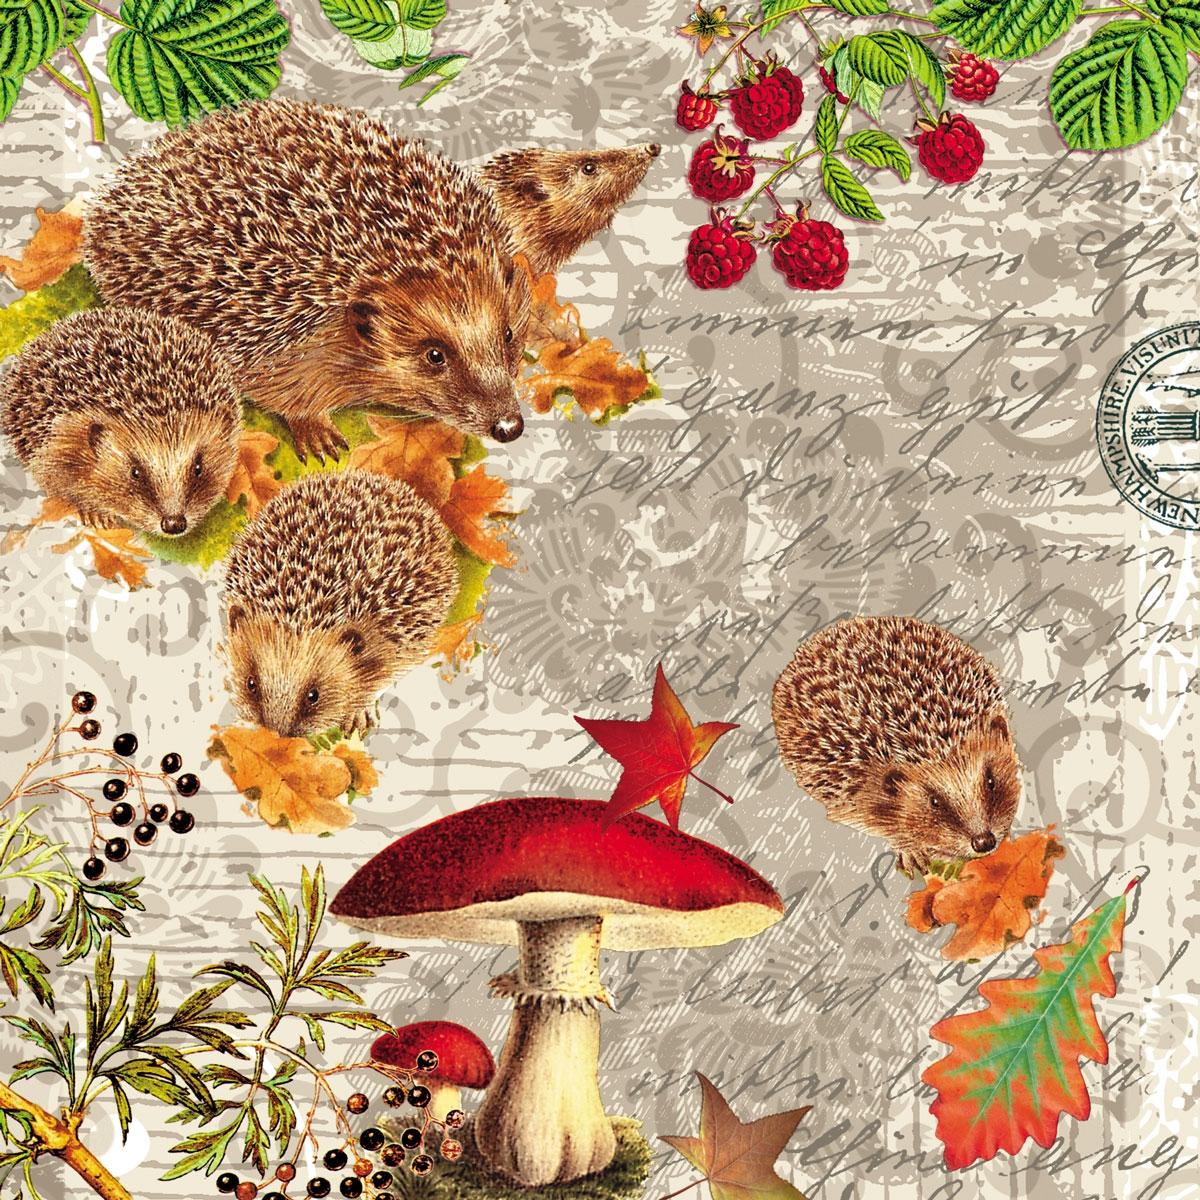 Lunch Servietten Hedgehog Family,  Tiere - Igel,  Früchte - Pilze,  Herbst,  lunchservietten,  Beeren,  Igel